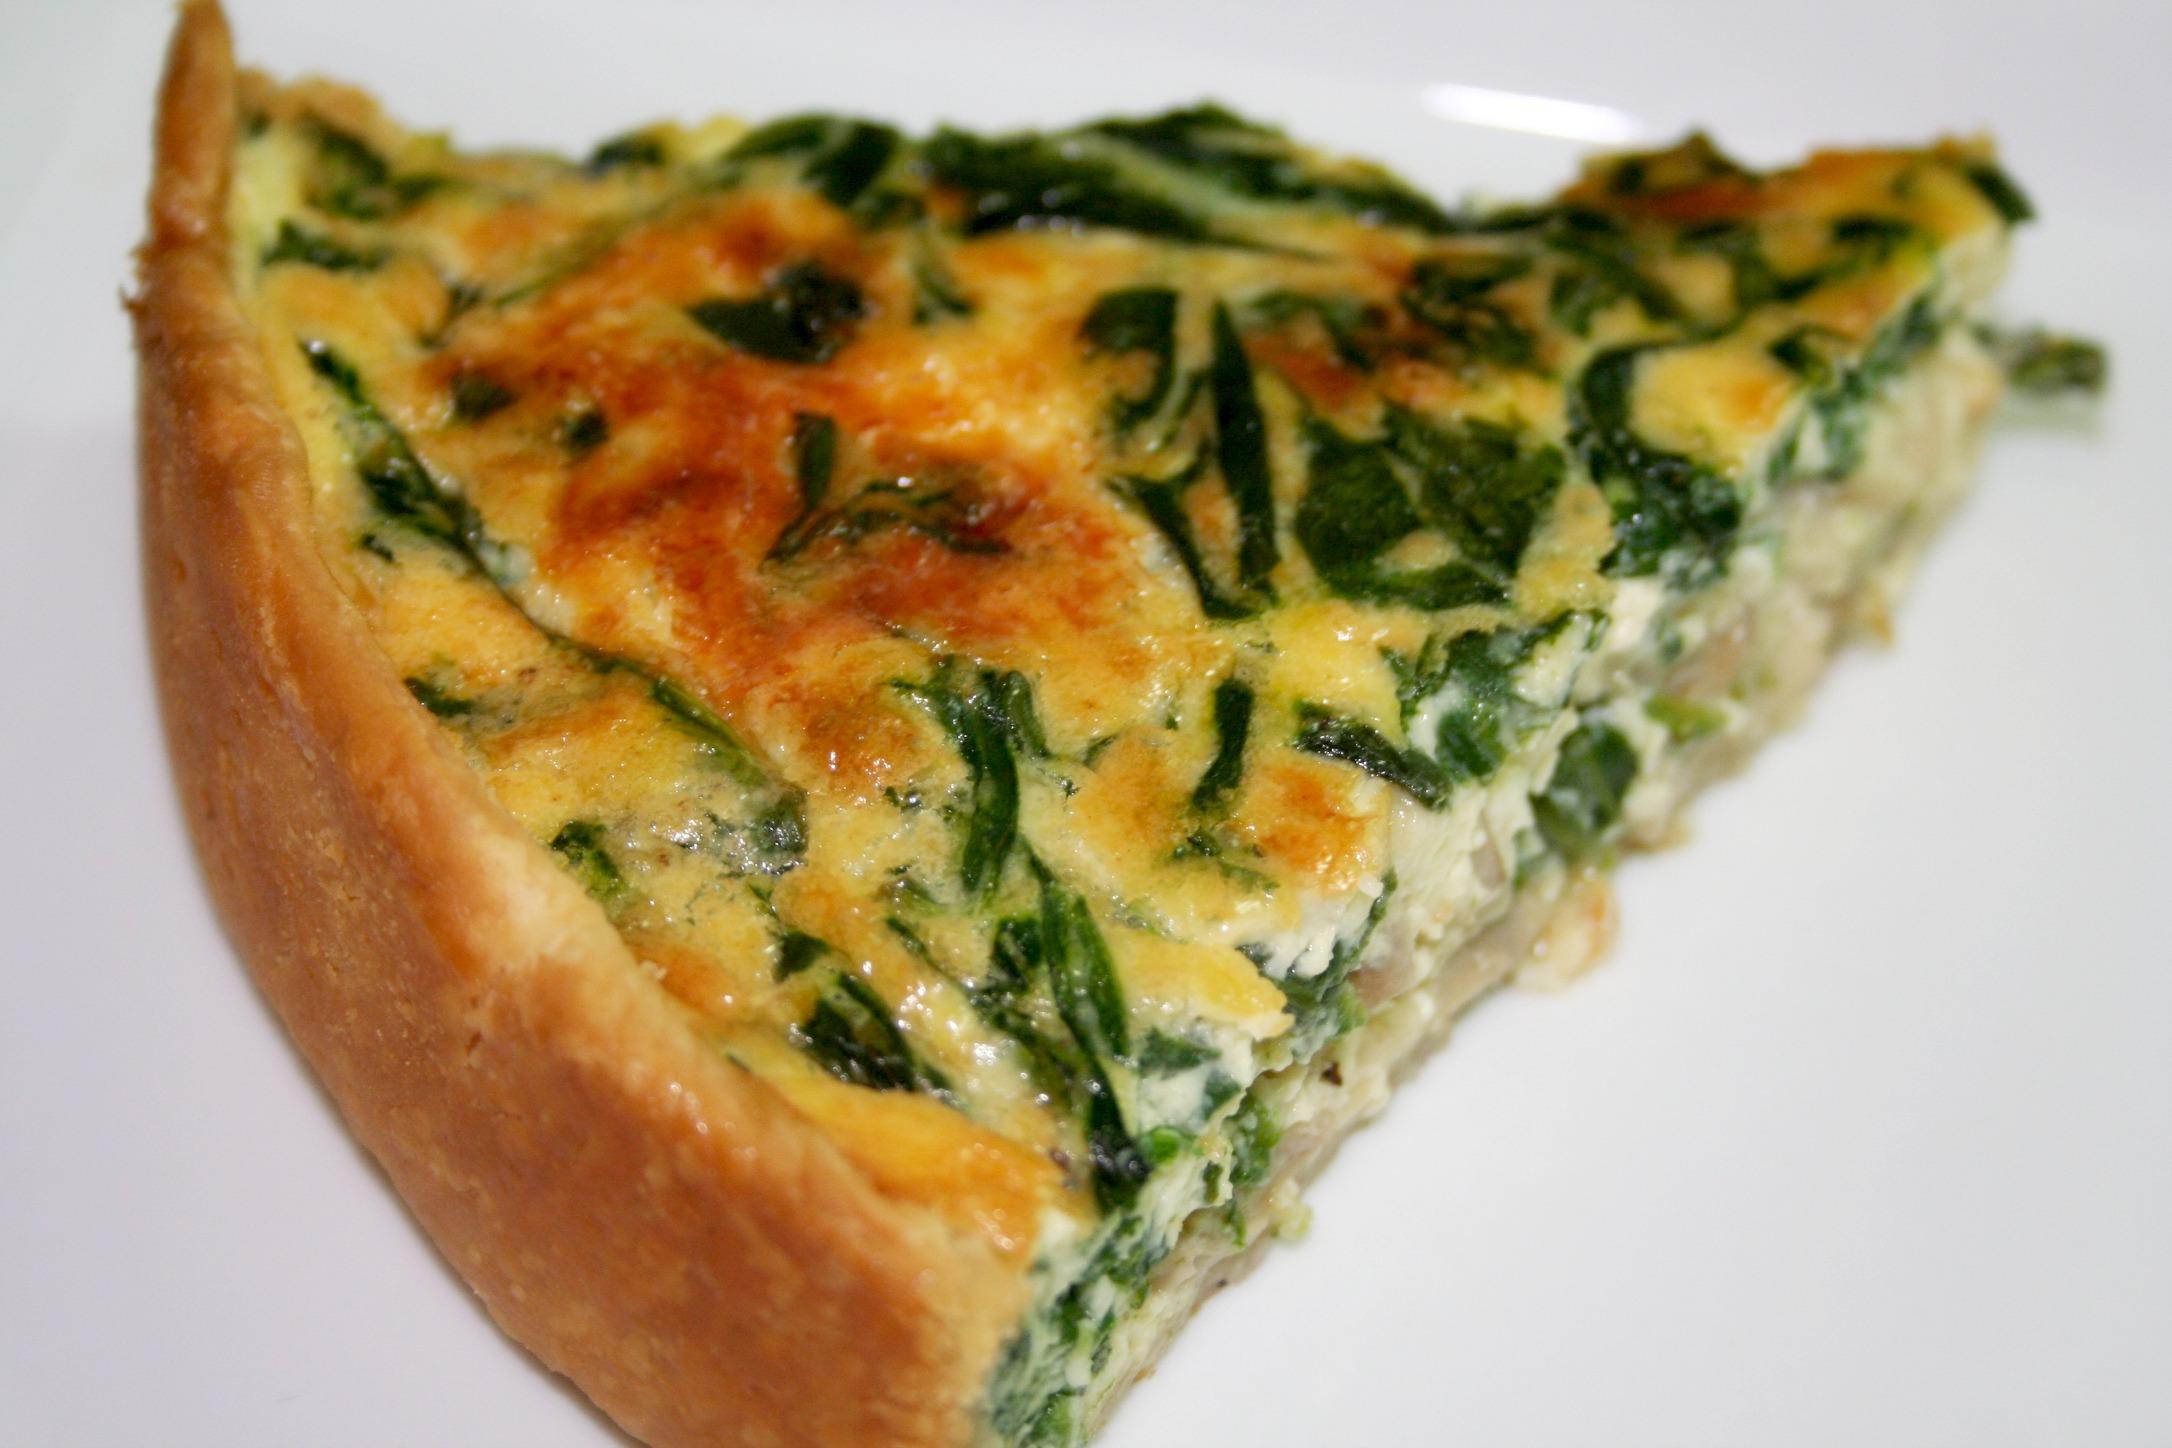 italian style omelet appetizer vegetarian gluten free italian style ...